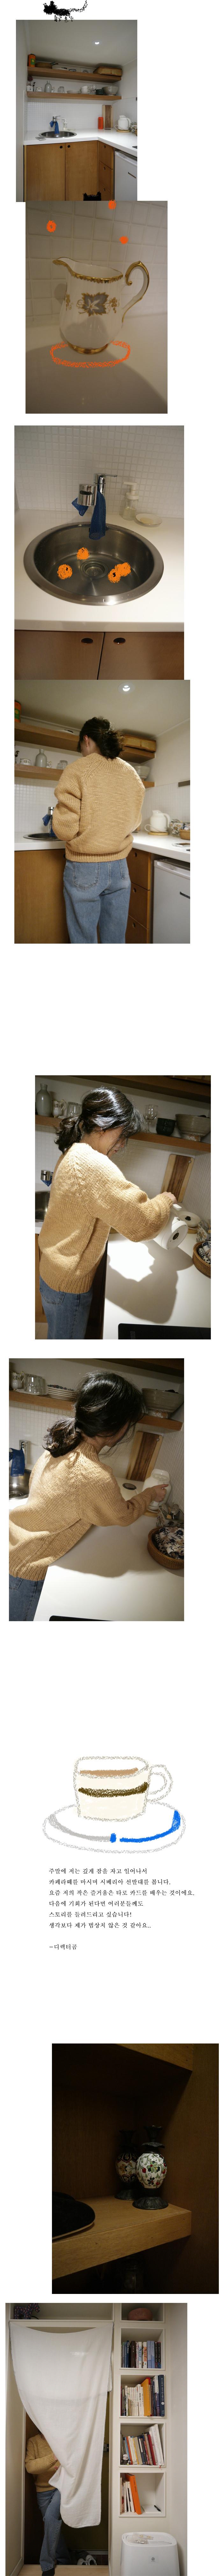 heavy slub warm knit